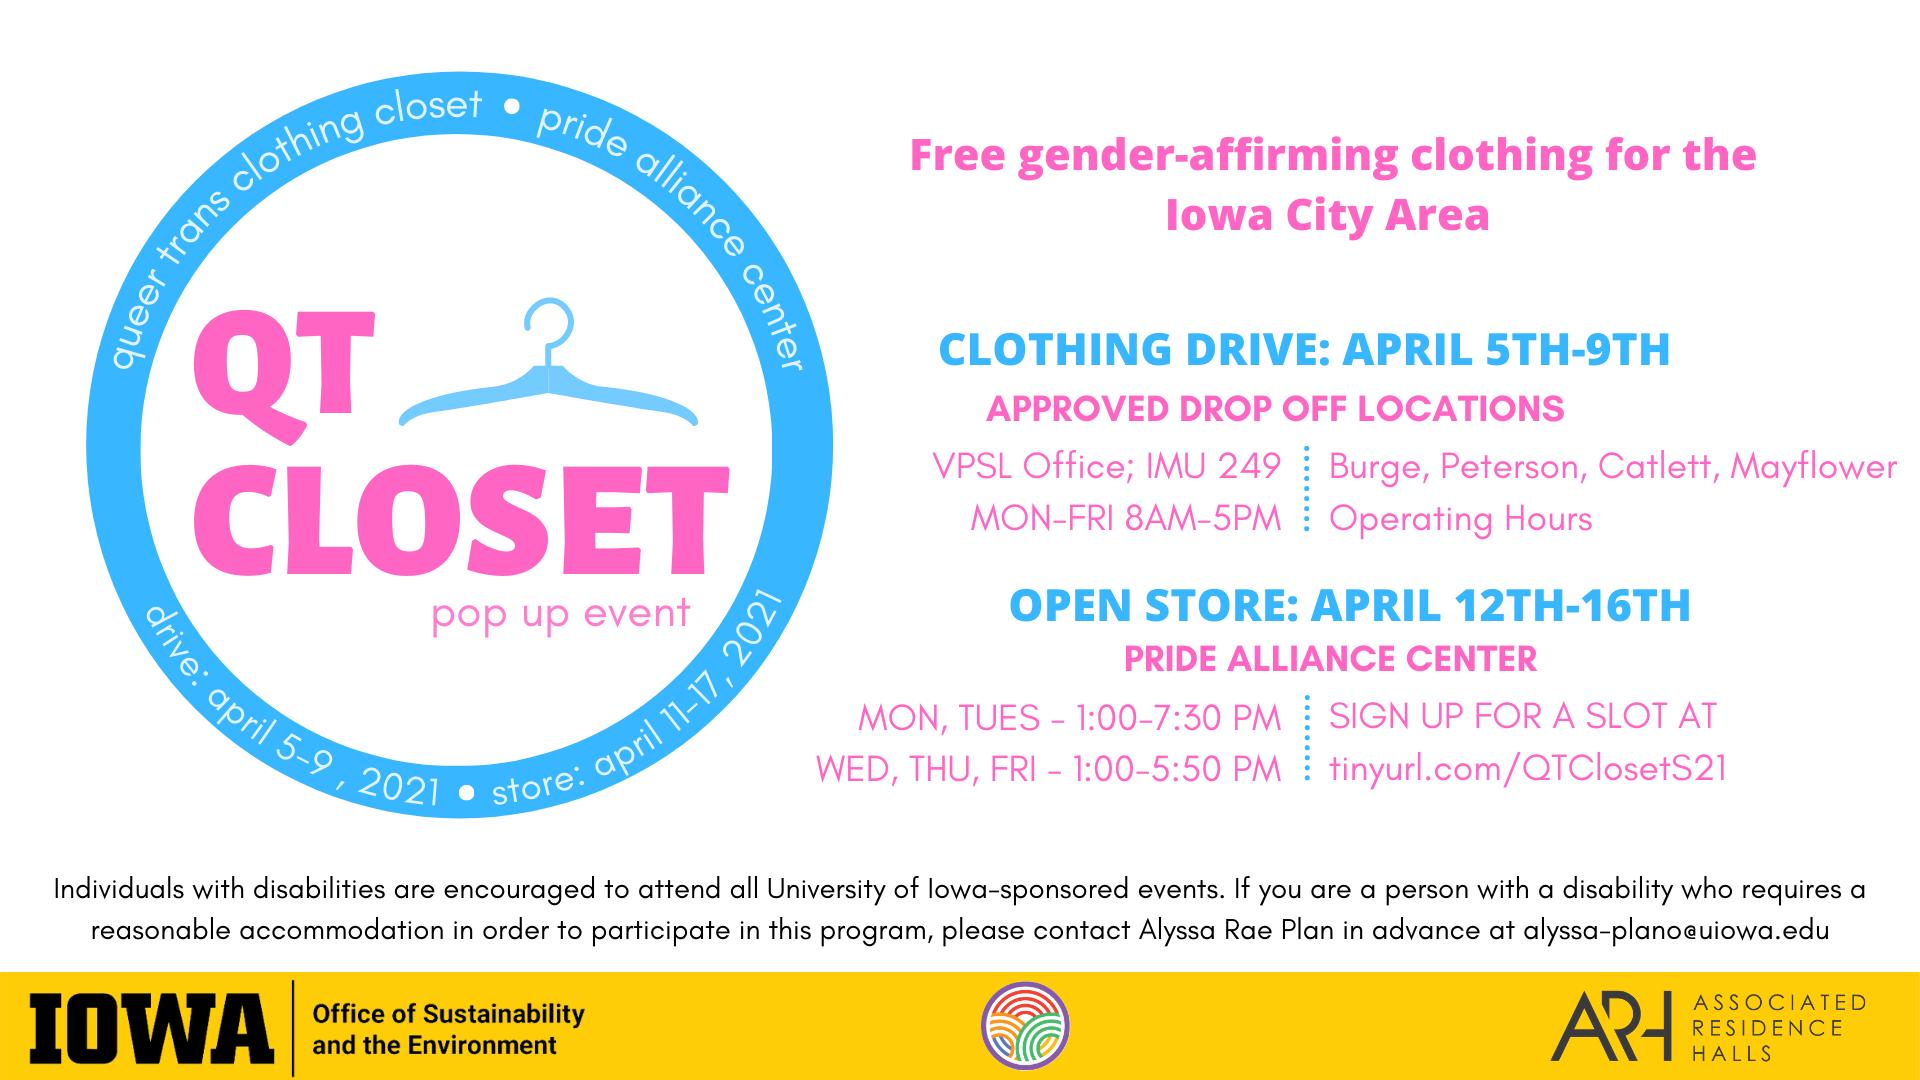 QT Closet Pop Up Event